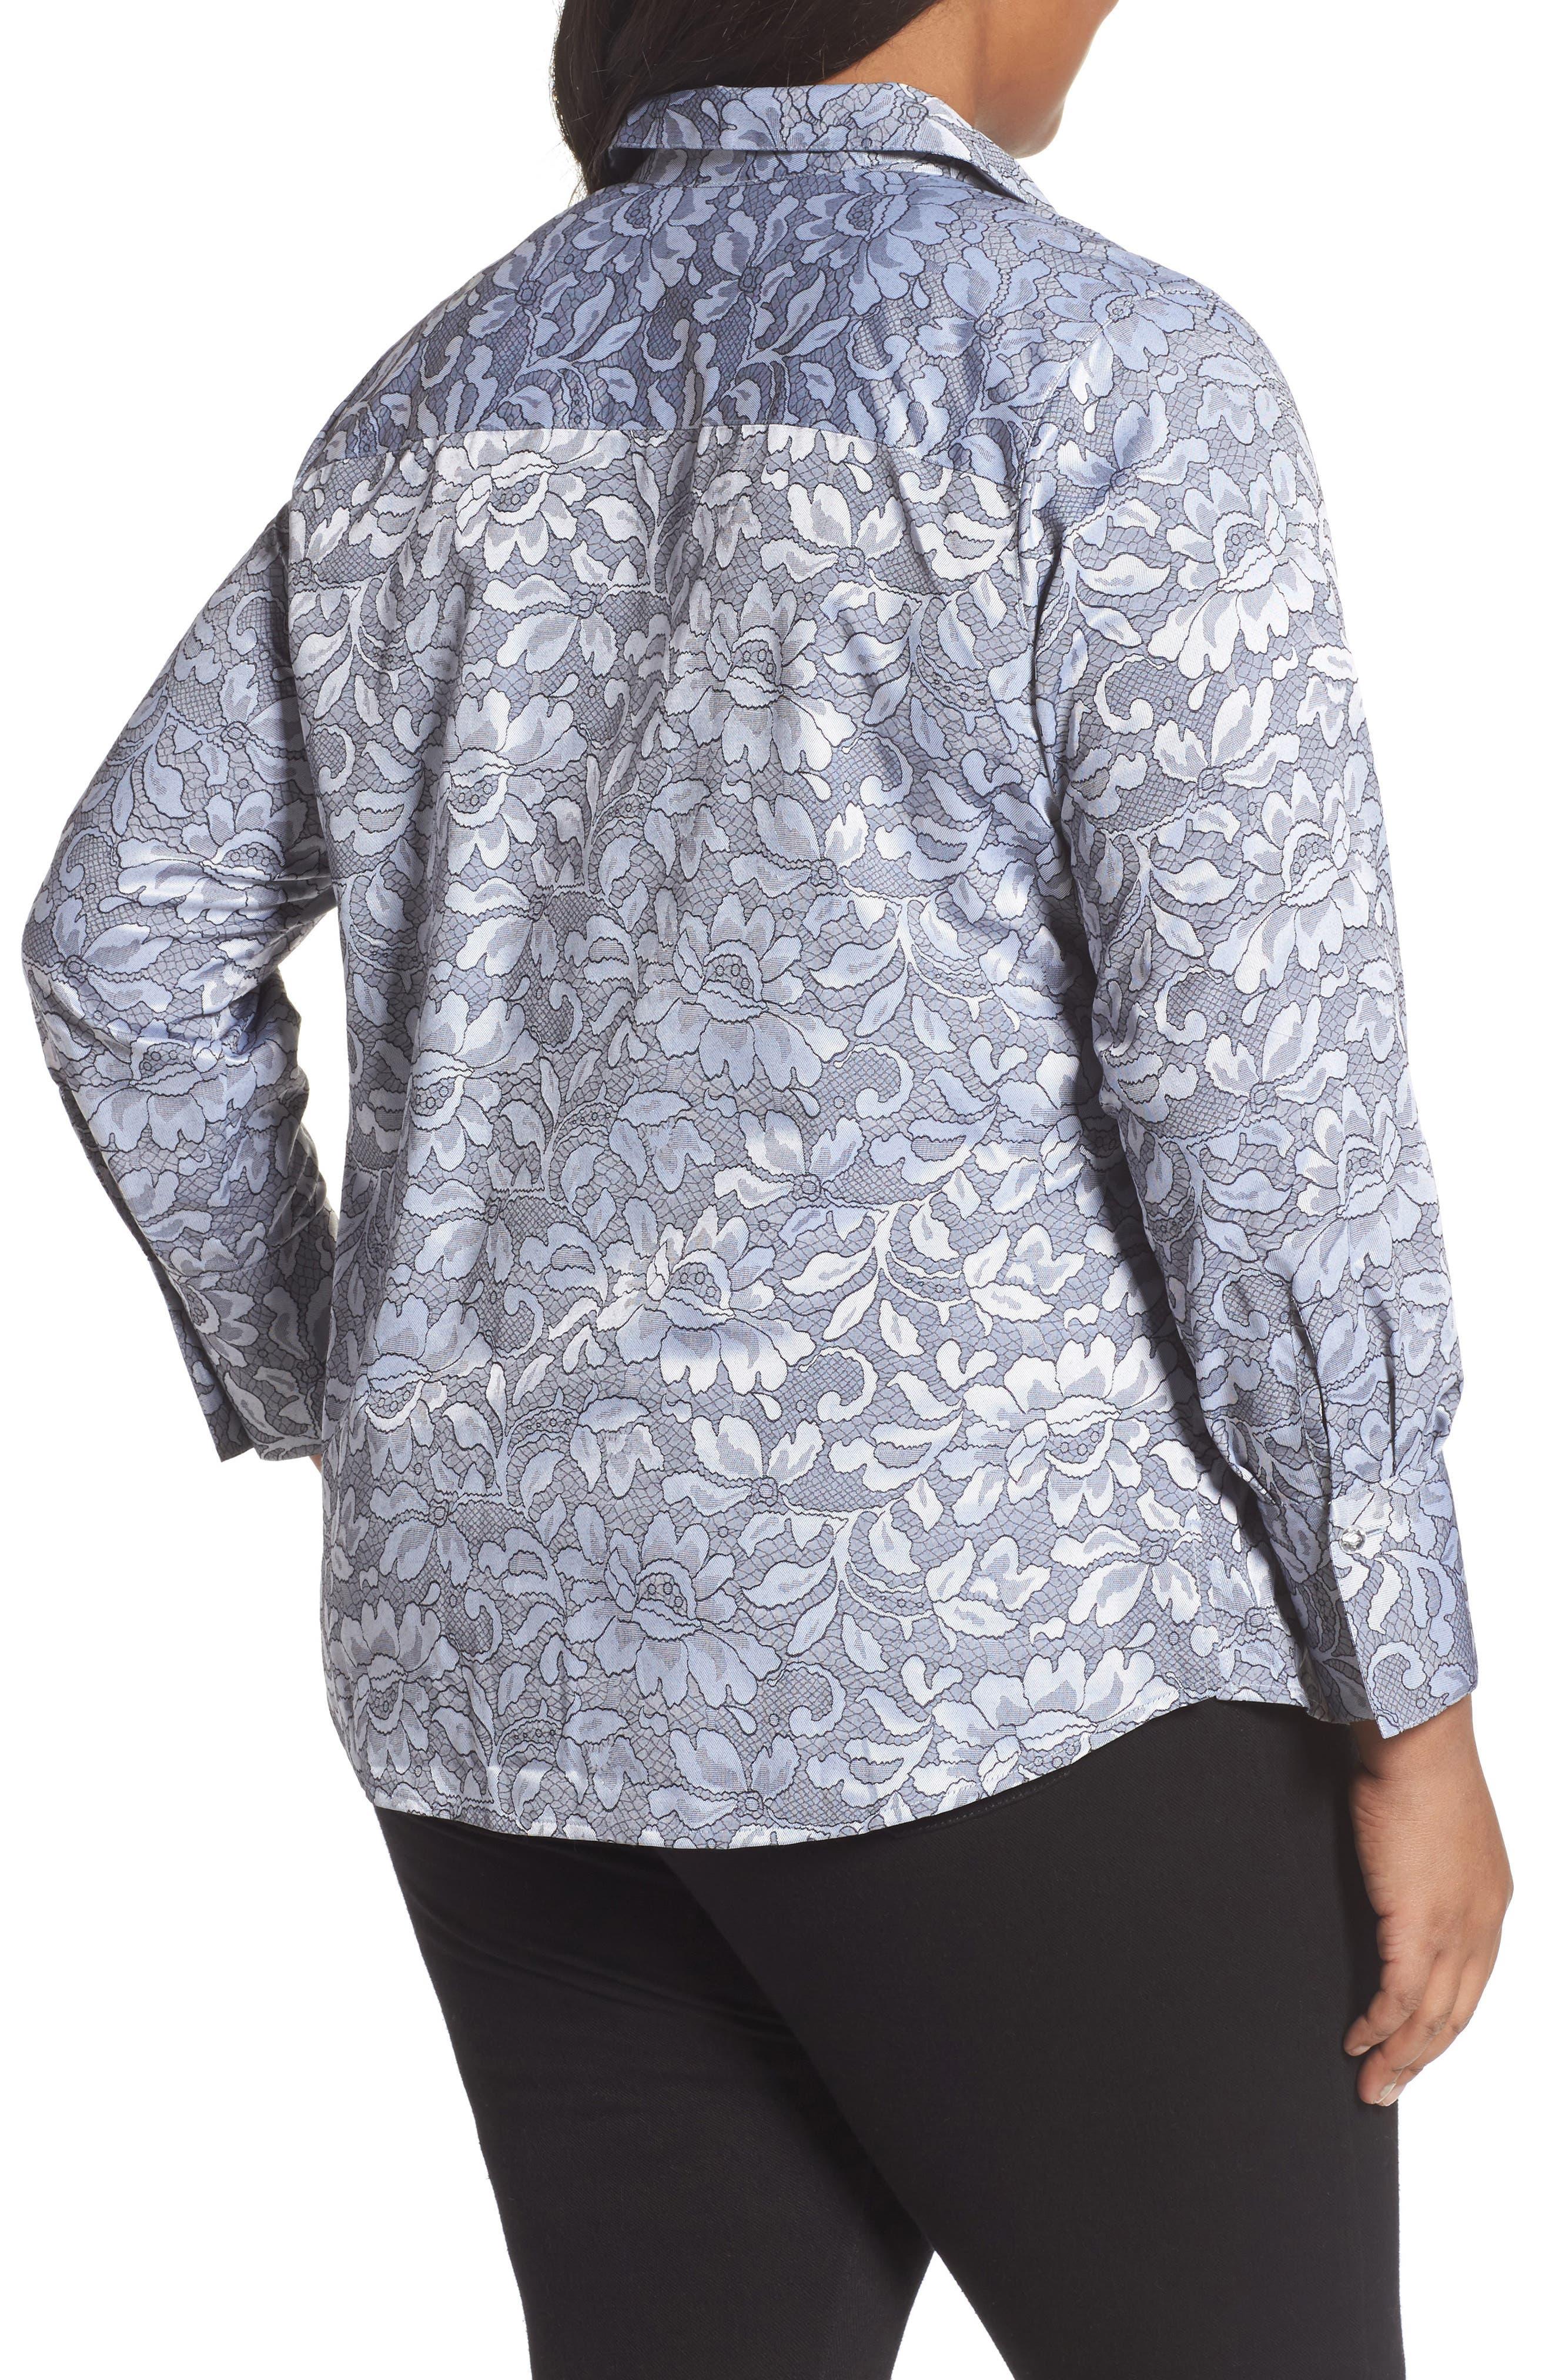 Rhonda Lace Jacquard Shirt,                             Alternate thumbnail 2, color,                             037